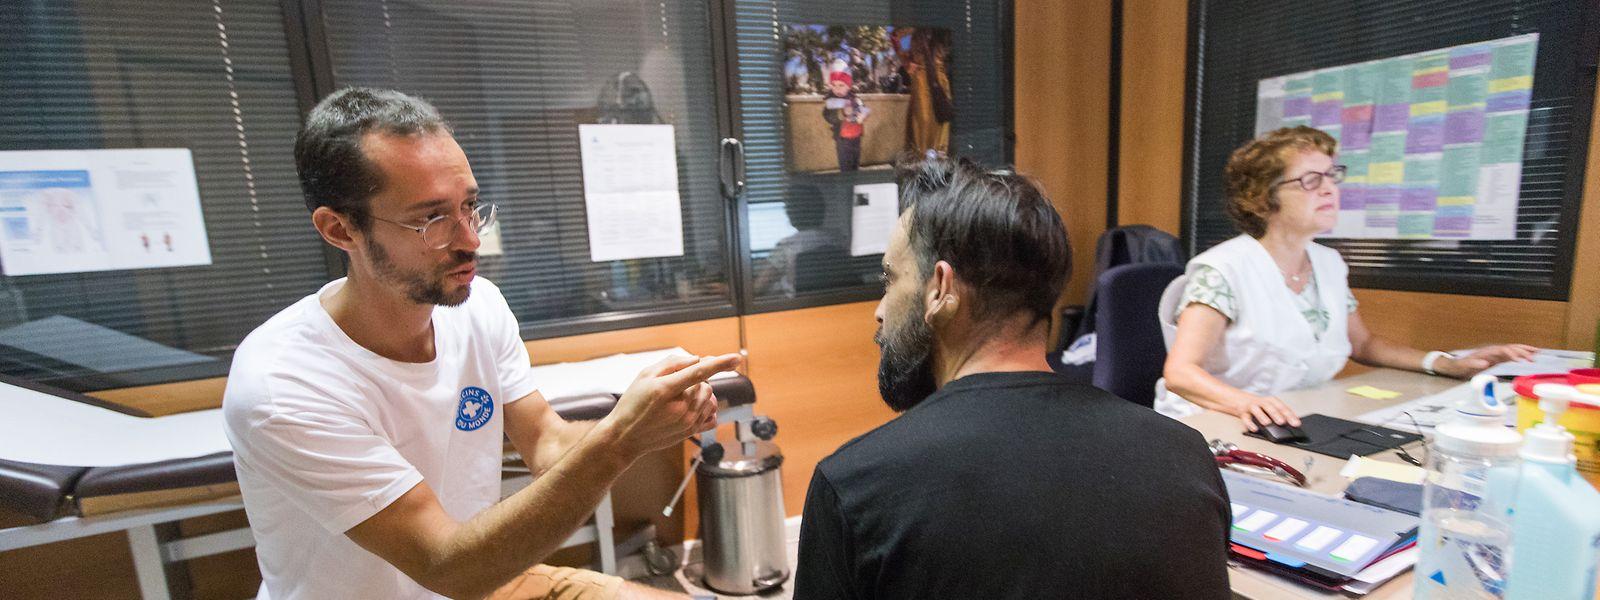 A ce jour, les malades sans-papiers sont pris en charge gratuitement par des associations et ONG comme Médecins du Monde.